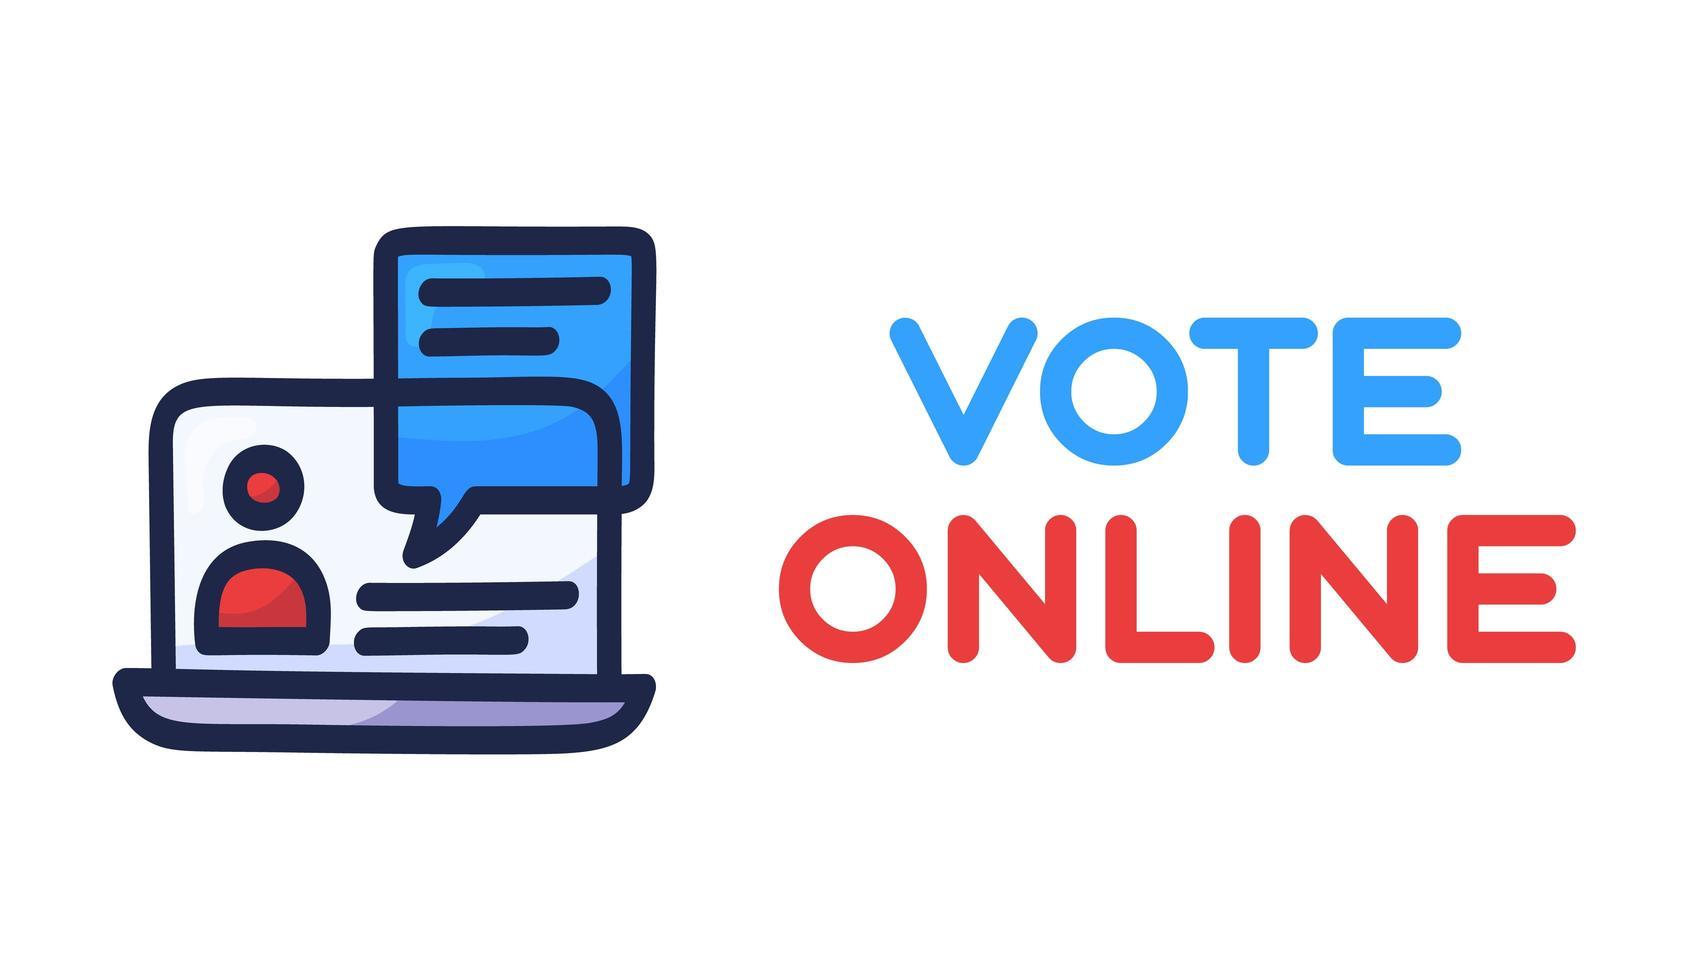 voto conceito online. votação eletrônica nos estados unidos. bolha de bate-papo na tela do laptop e texto. eleição presidencial de 2020 e ilustração do vetor de quarentena de coronavírus.